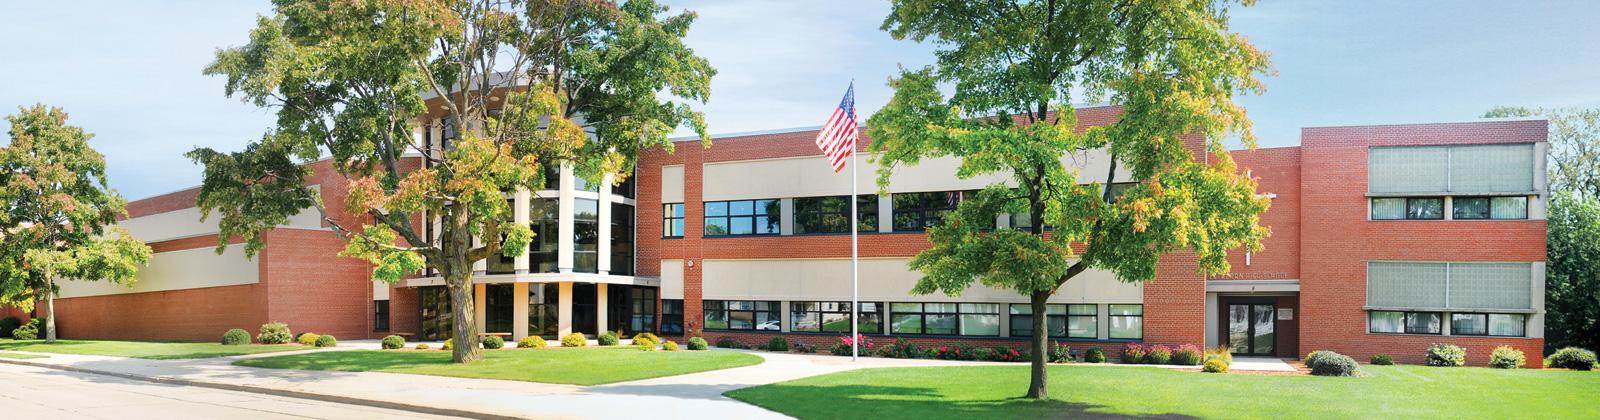 LHS_Building2014